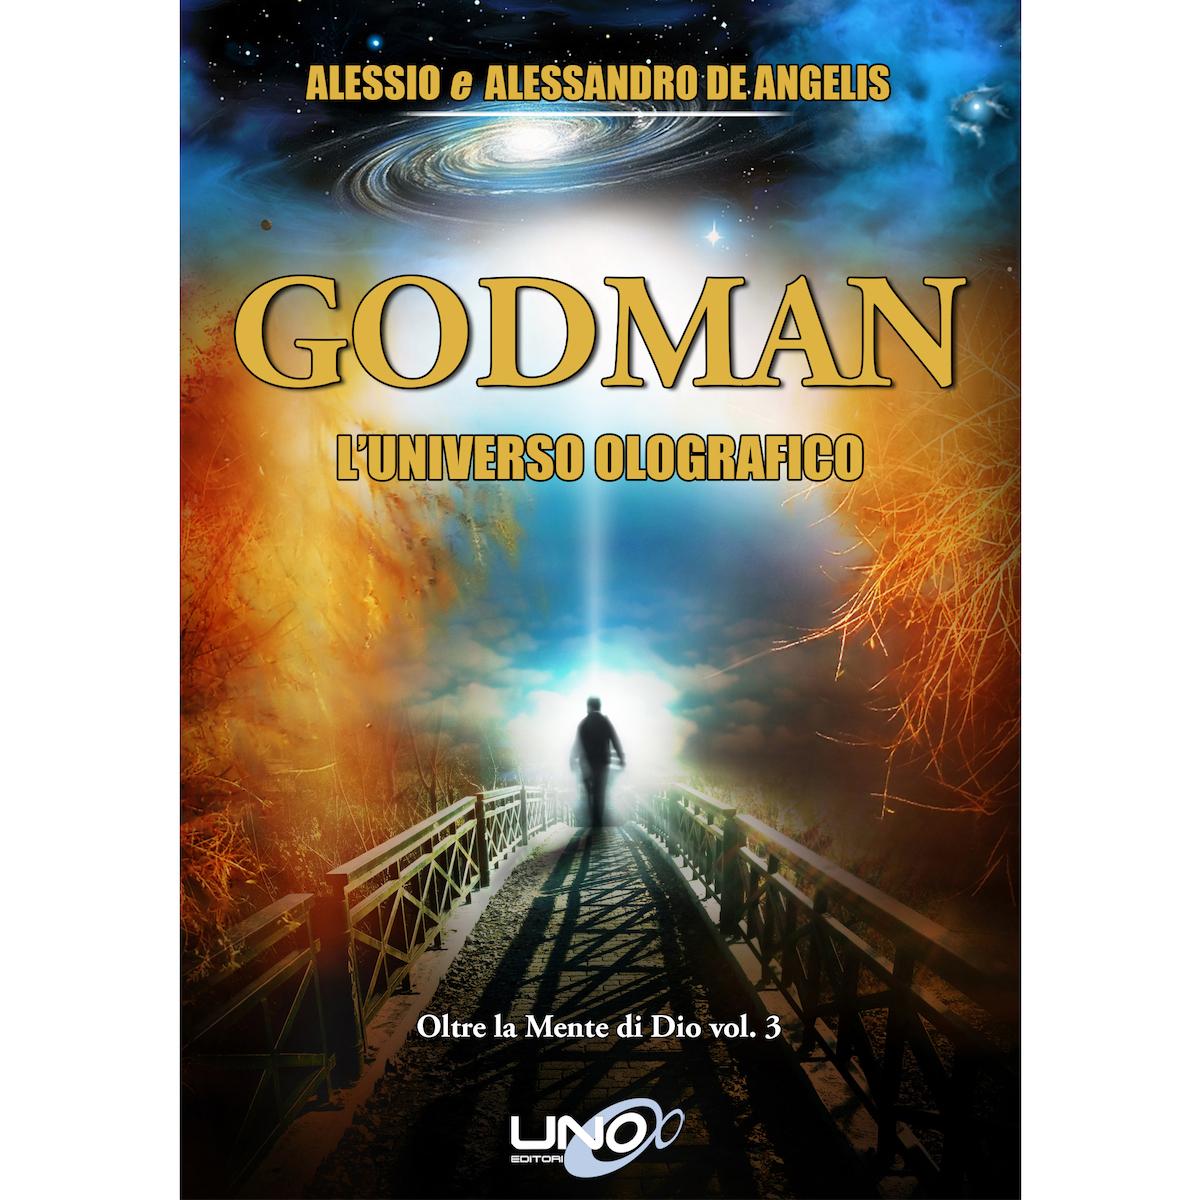 intelligenza artificiale ordina il libro godman